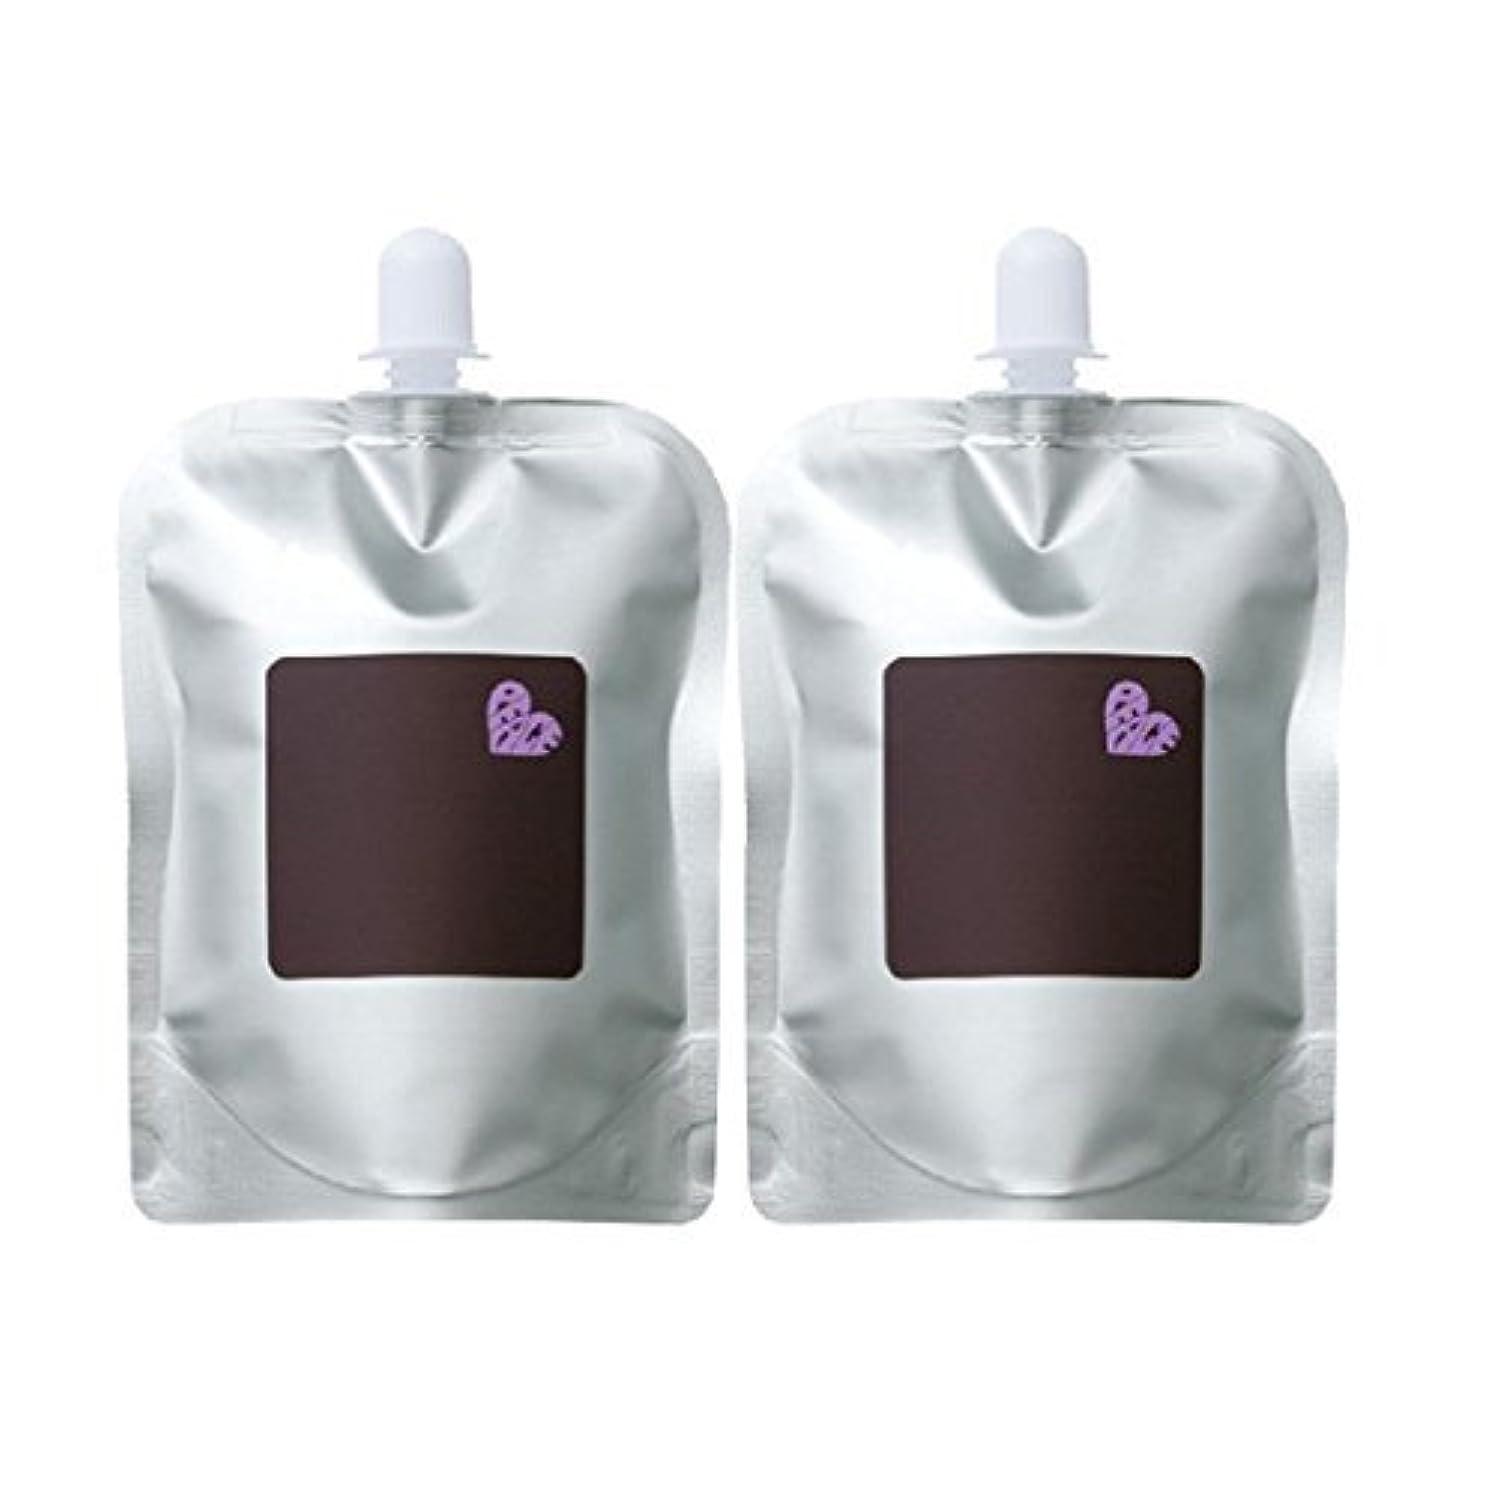 パケット取り扱いループ【X2個セット】 アリミノ ピース バウンシーカール ホイップ 400g 詰替え用